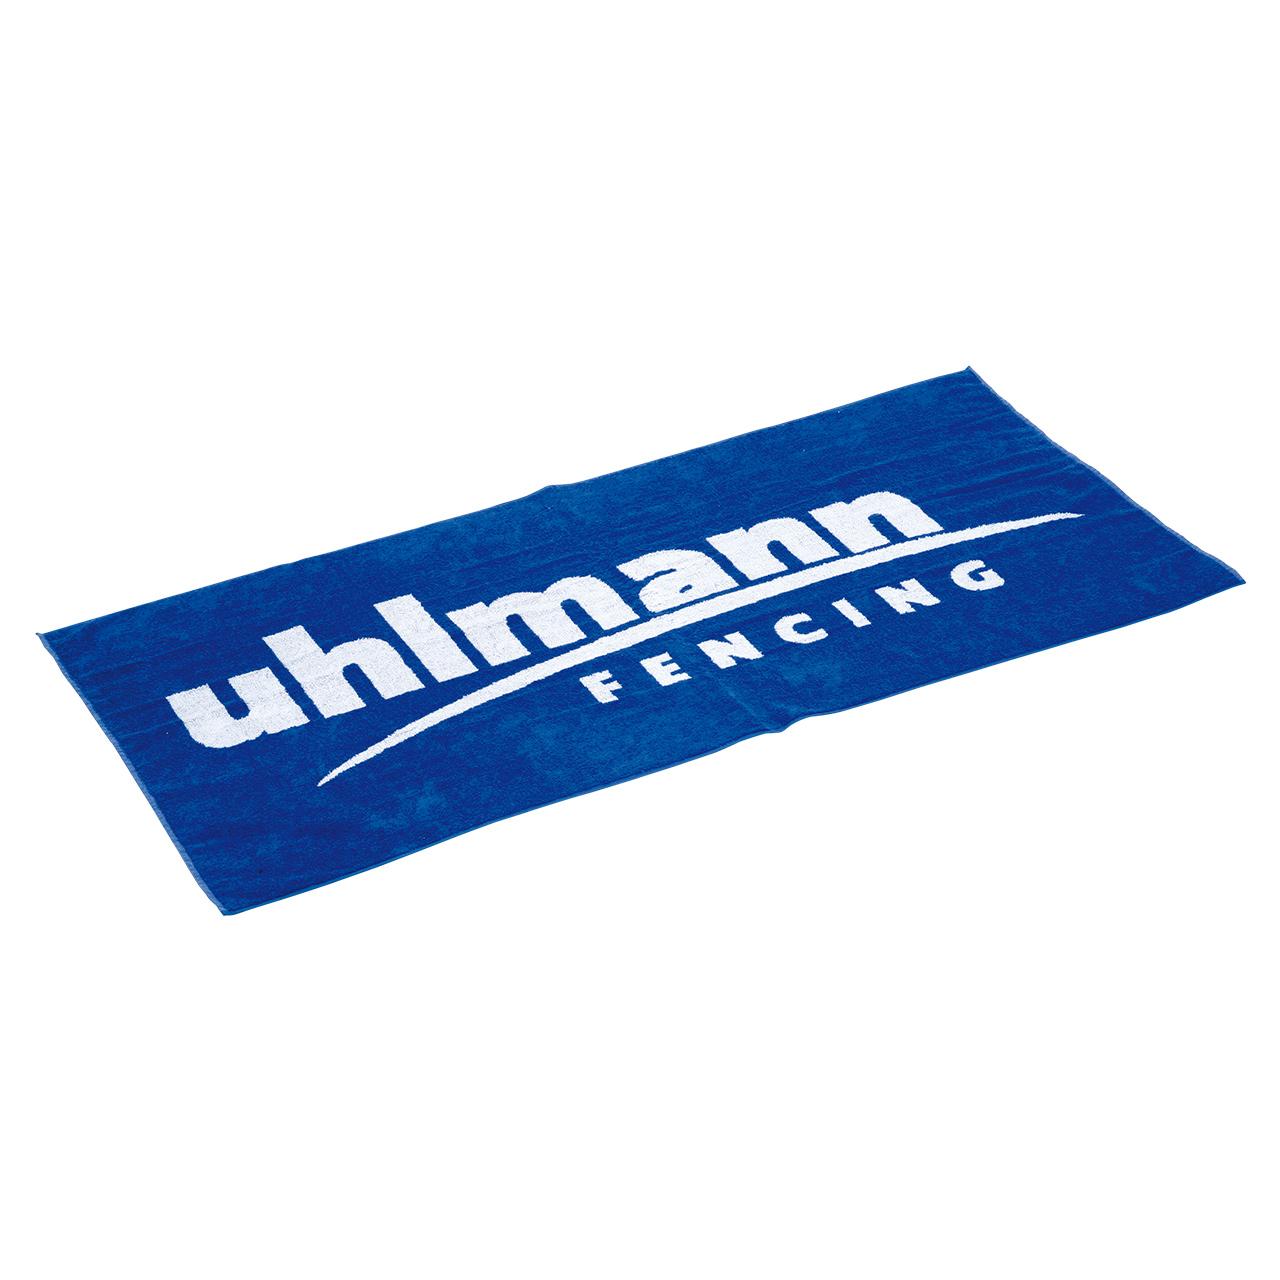 Uhlmann-Badetuch 65x140cm